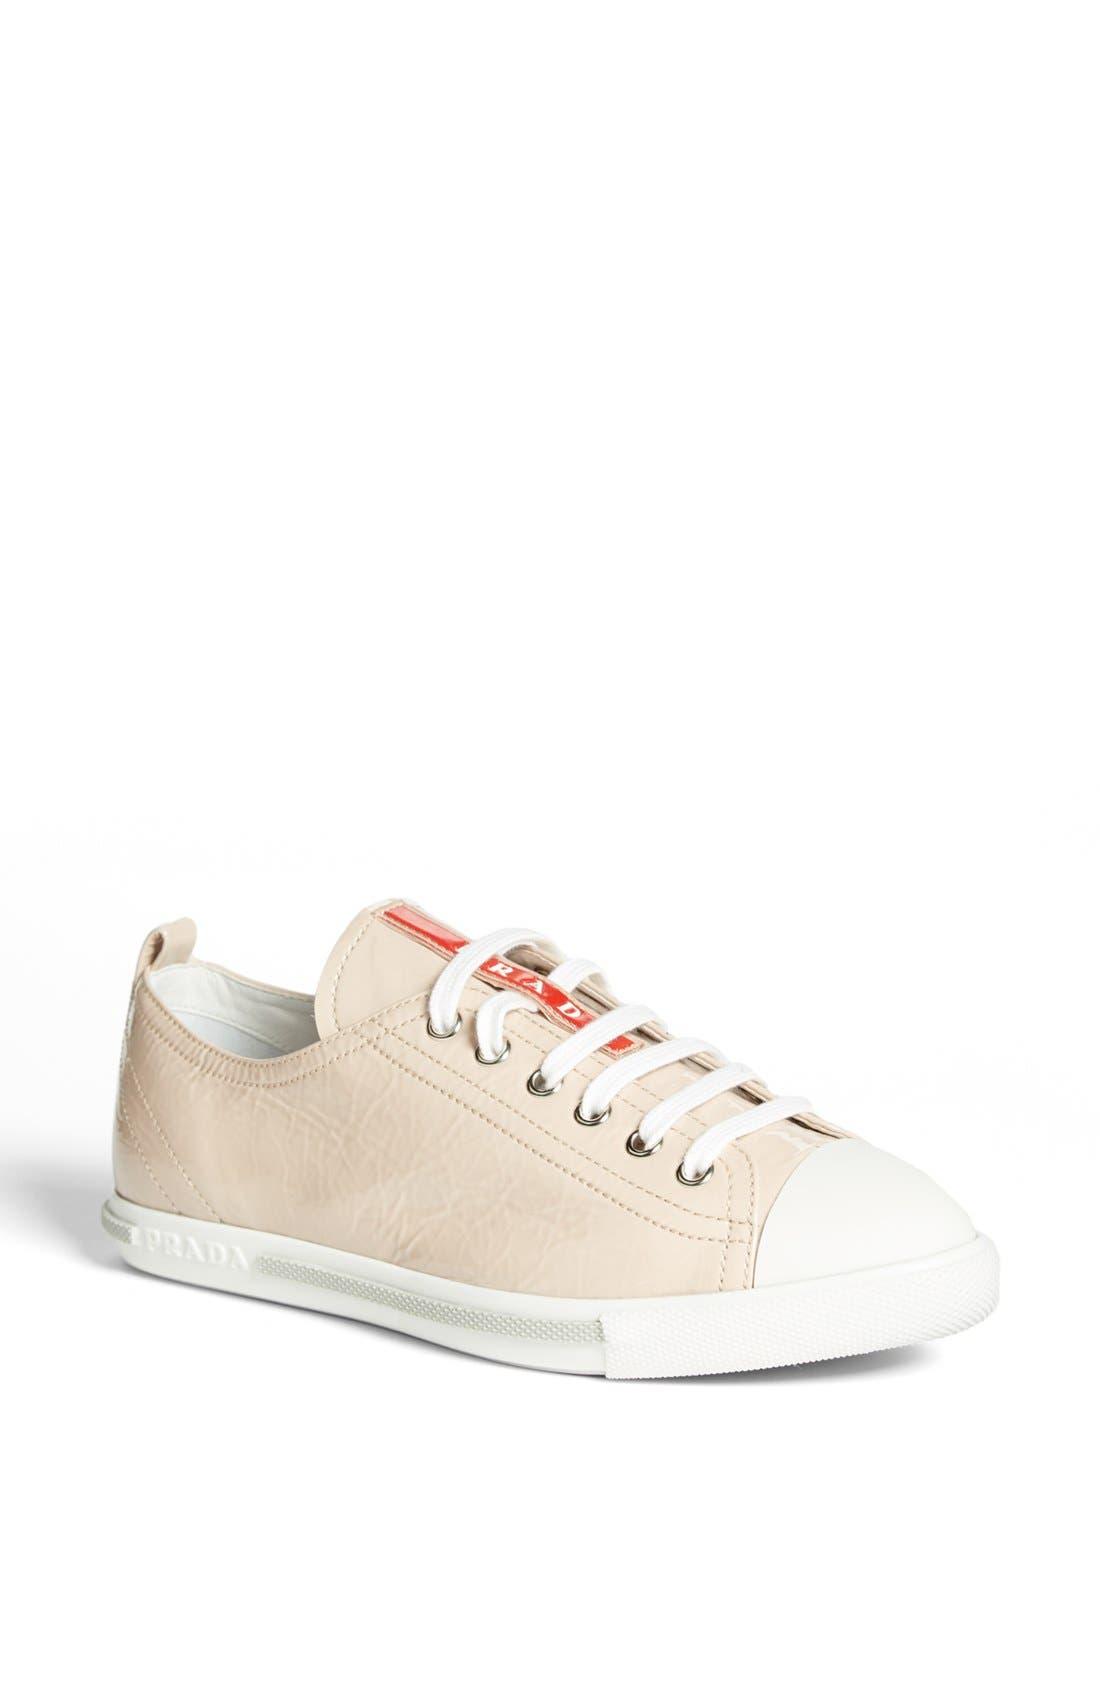 Main Image - Prada Low Top Cap Toe Sneaker